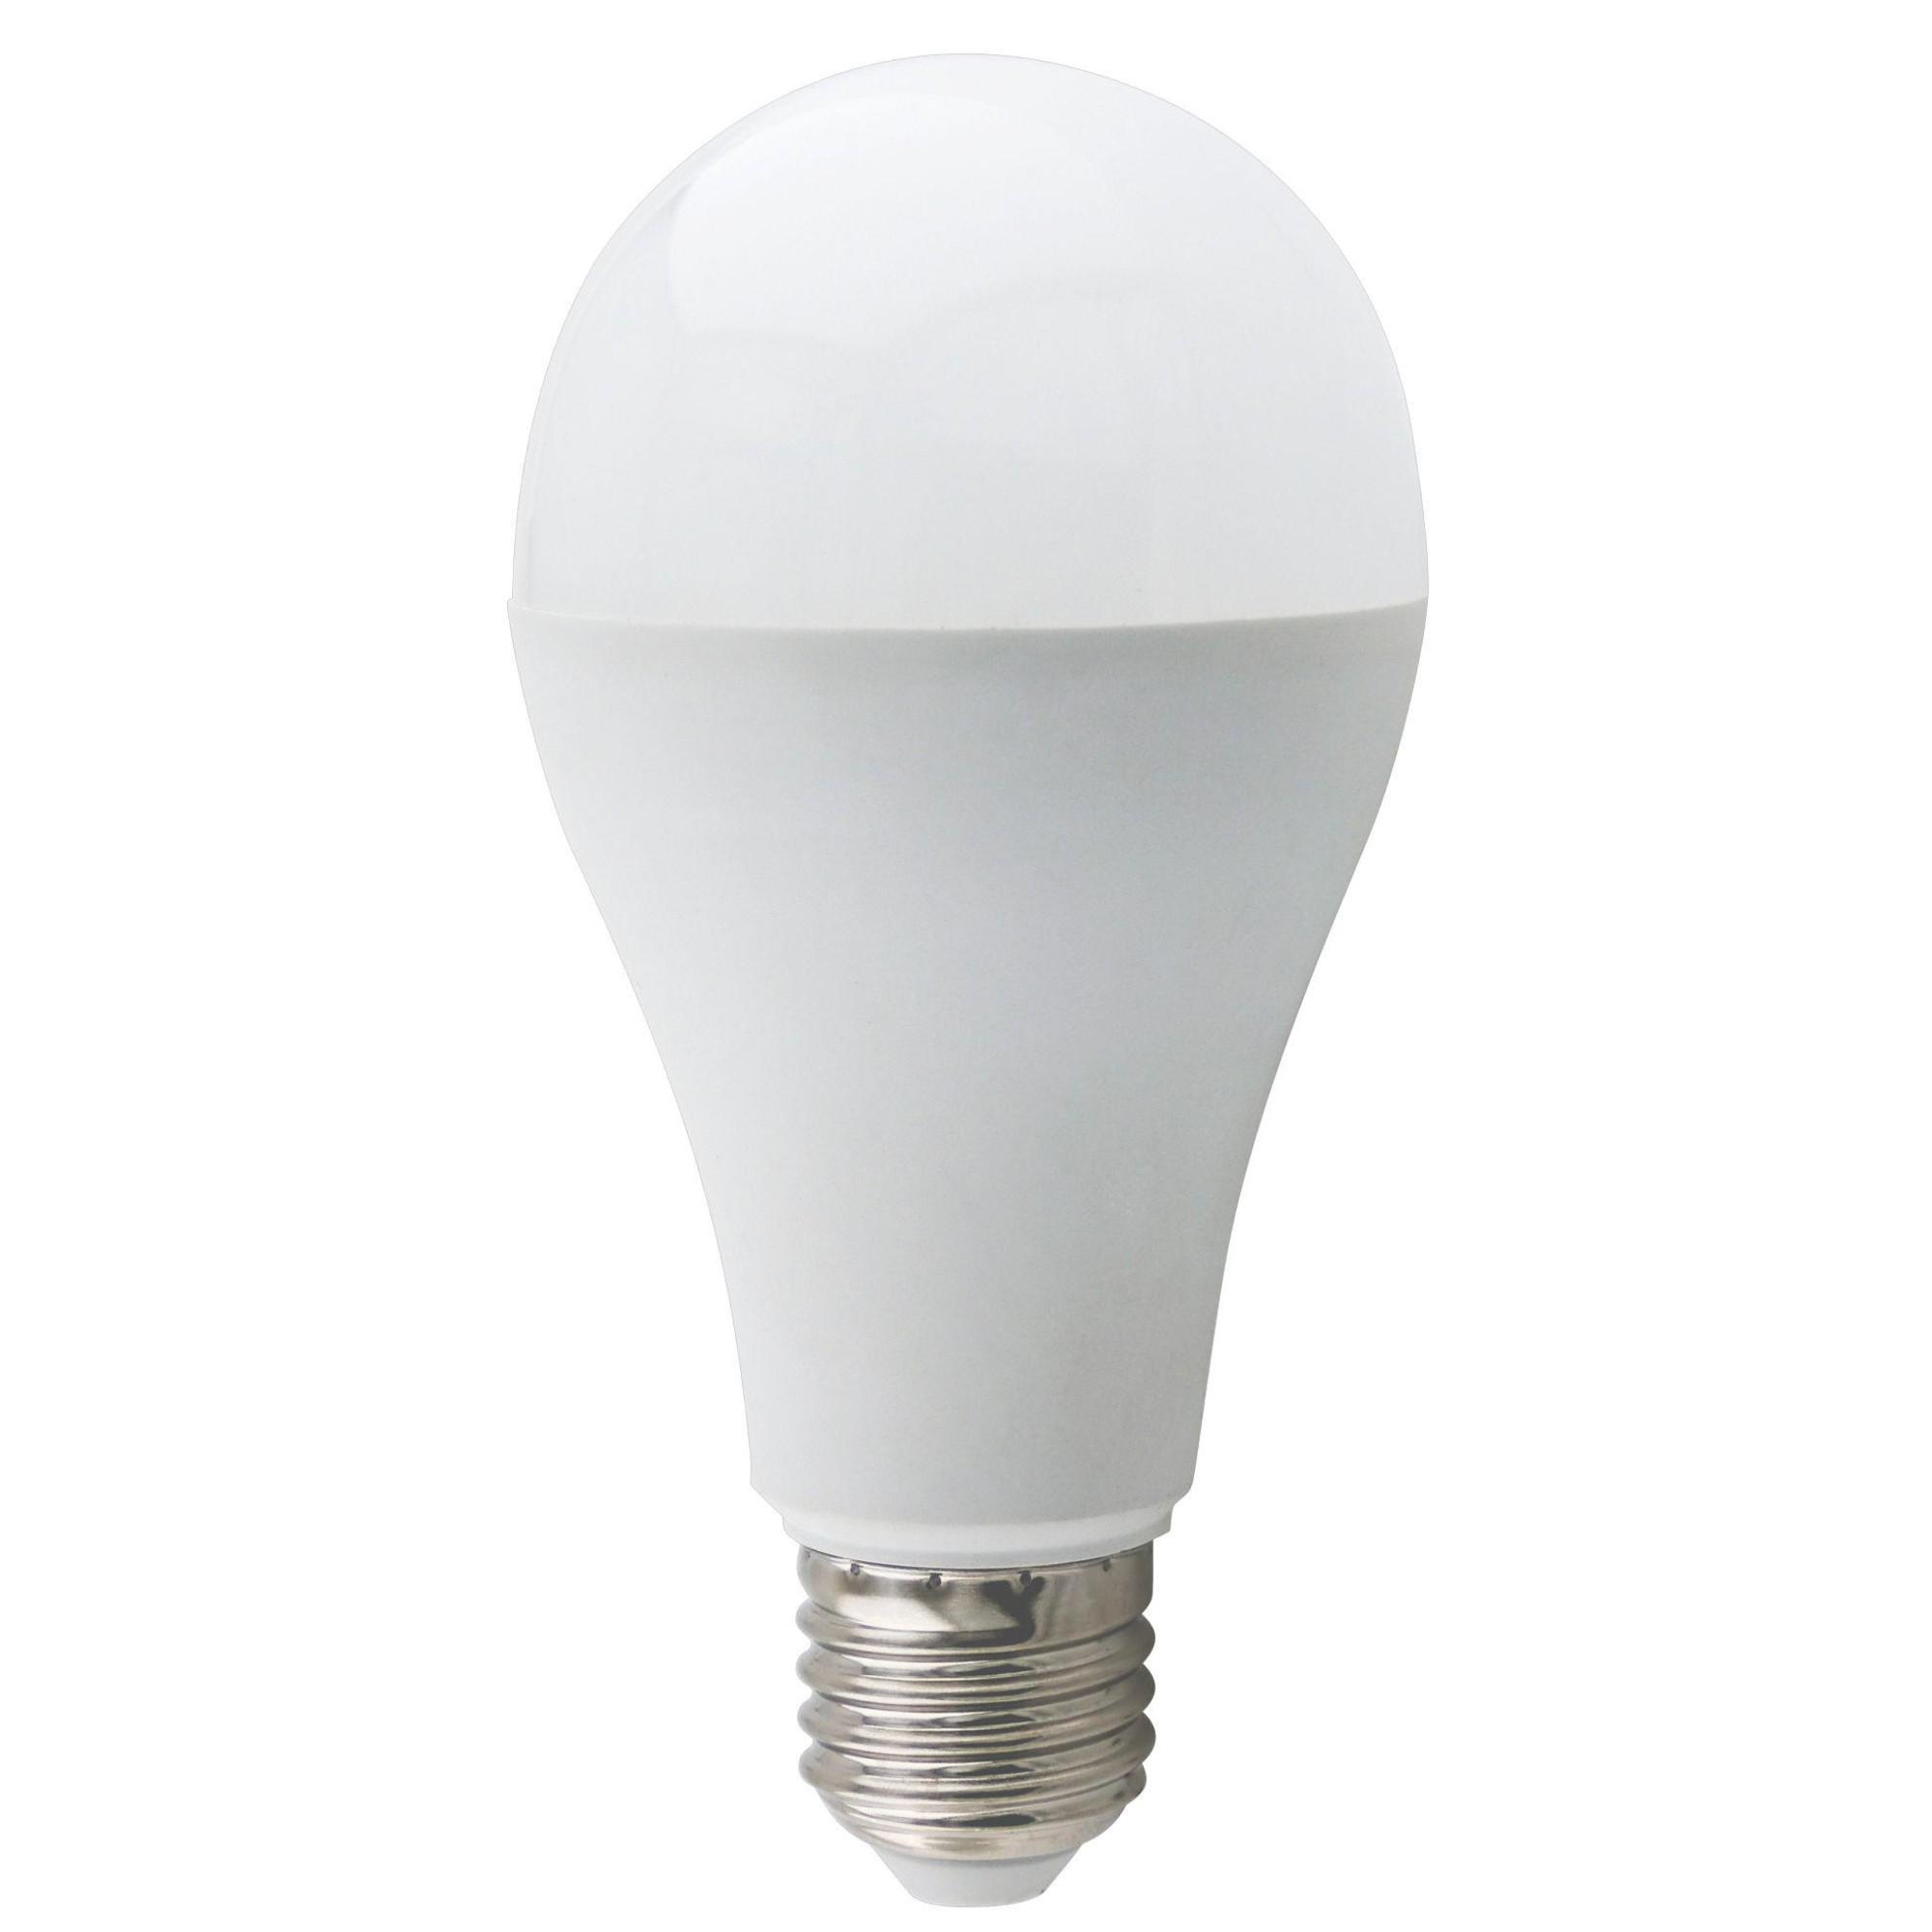 Лампа Ecola Premium светодионая E27 20 Вт груша 1800 Лм холодный свет